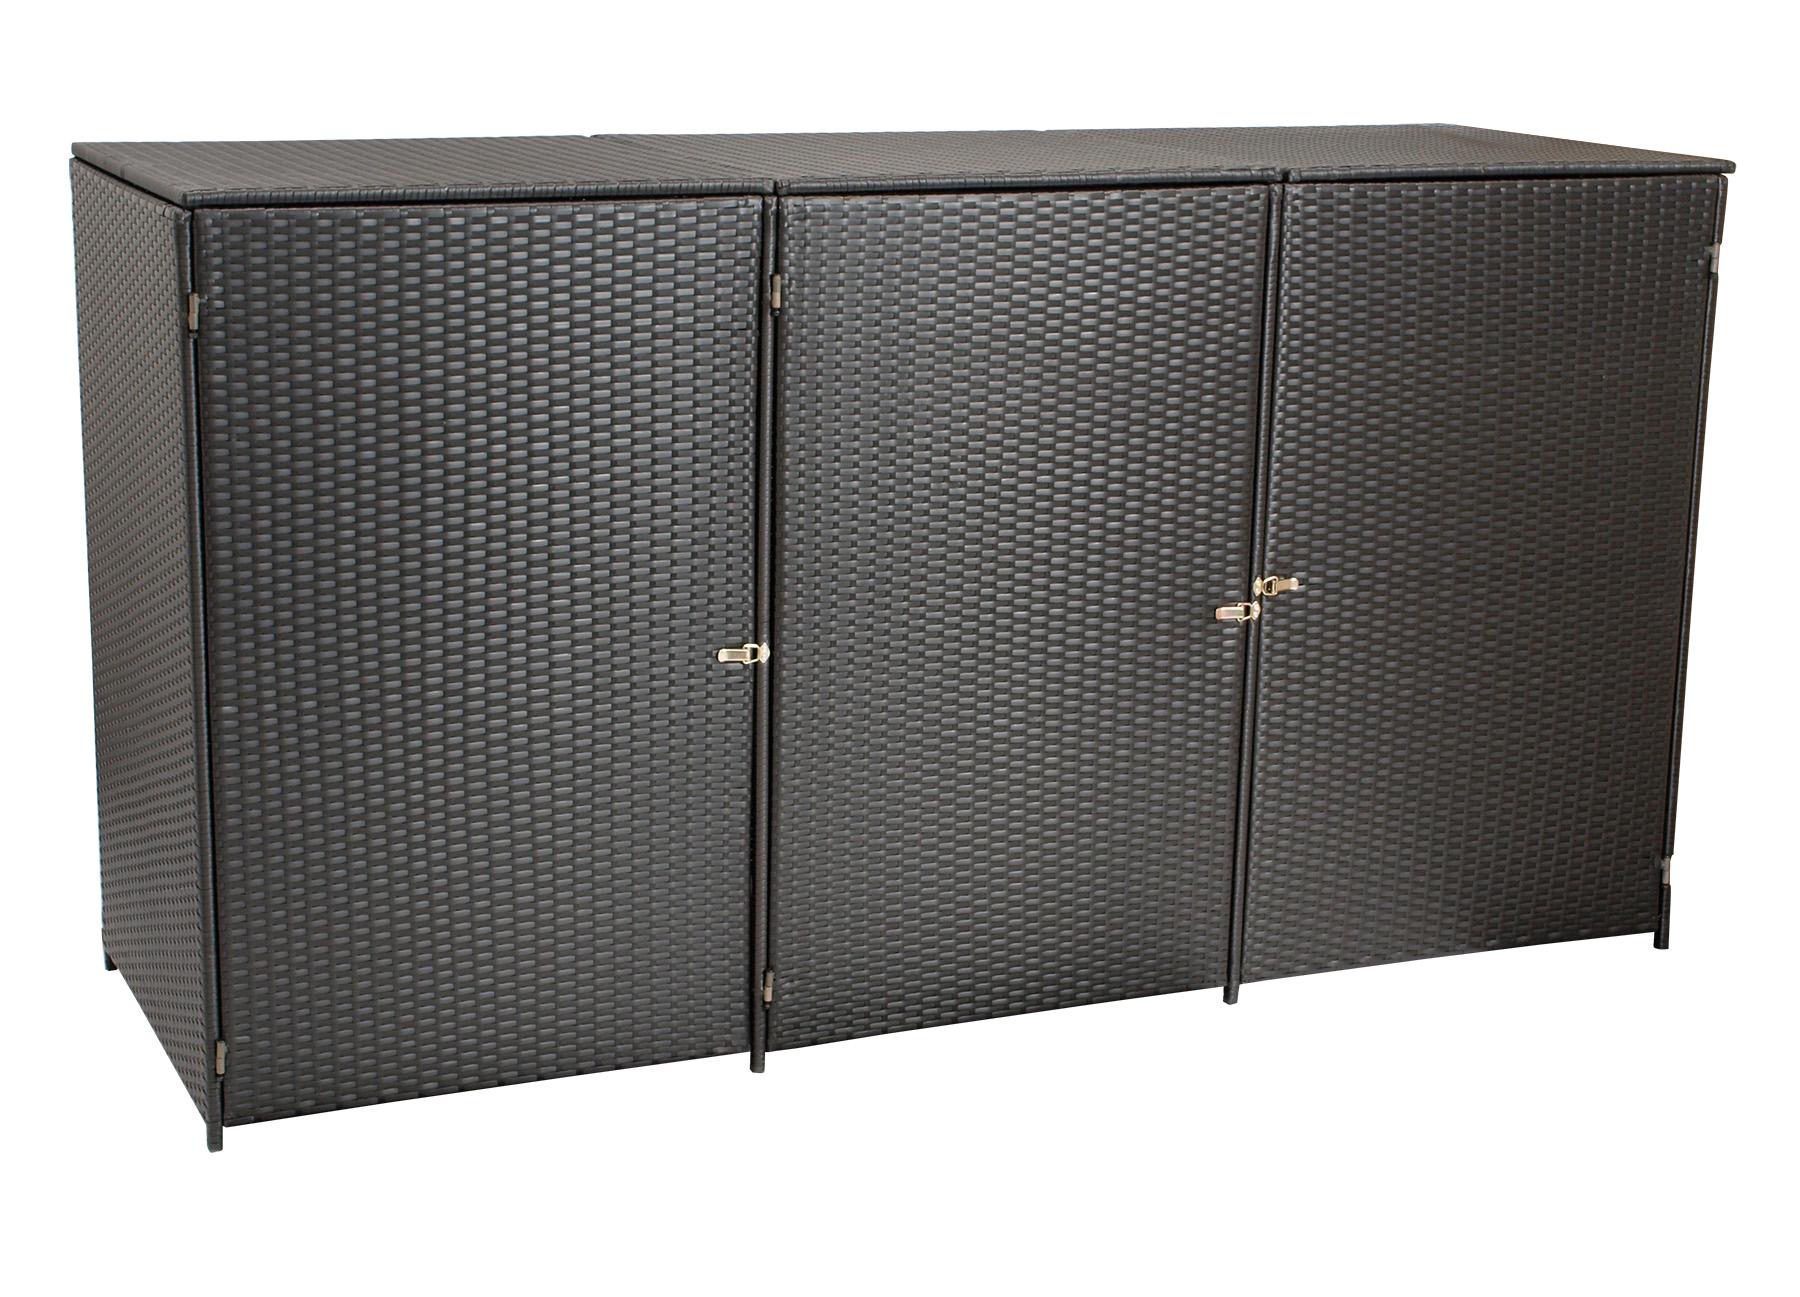 Mülltonnenbox 66x189x109cm für 3 Tonnen bis 120 Liter, Stahl + Polyrattan mocca